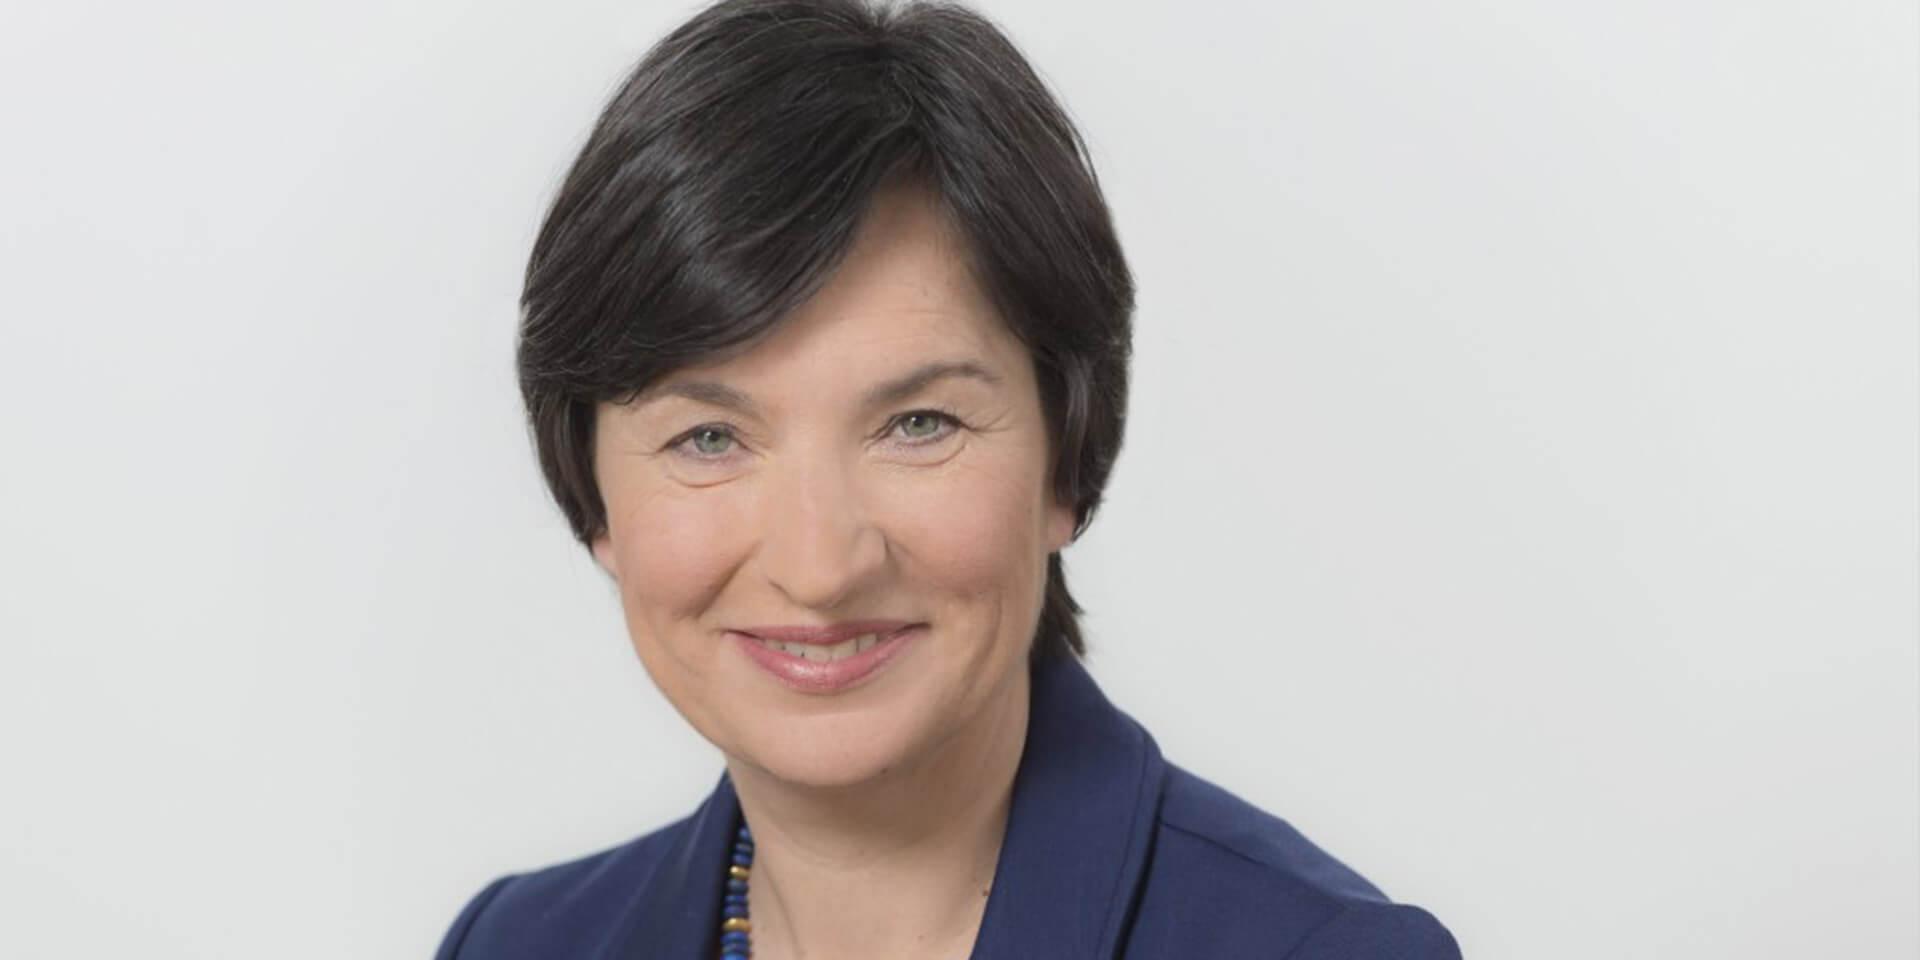 Regionalbischöfin Elisabeth Hann von Weyhern,© ELKB/Rost